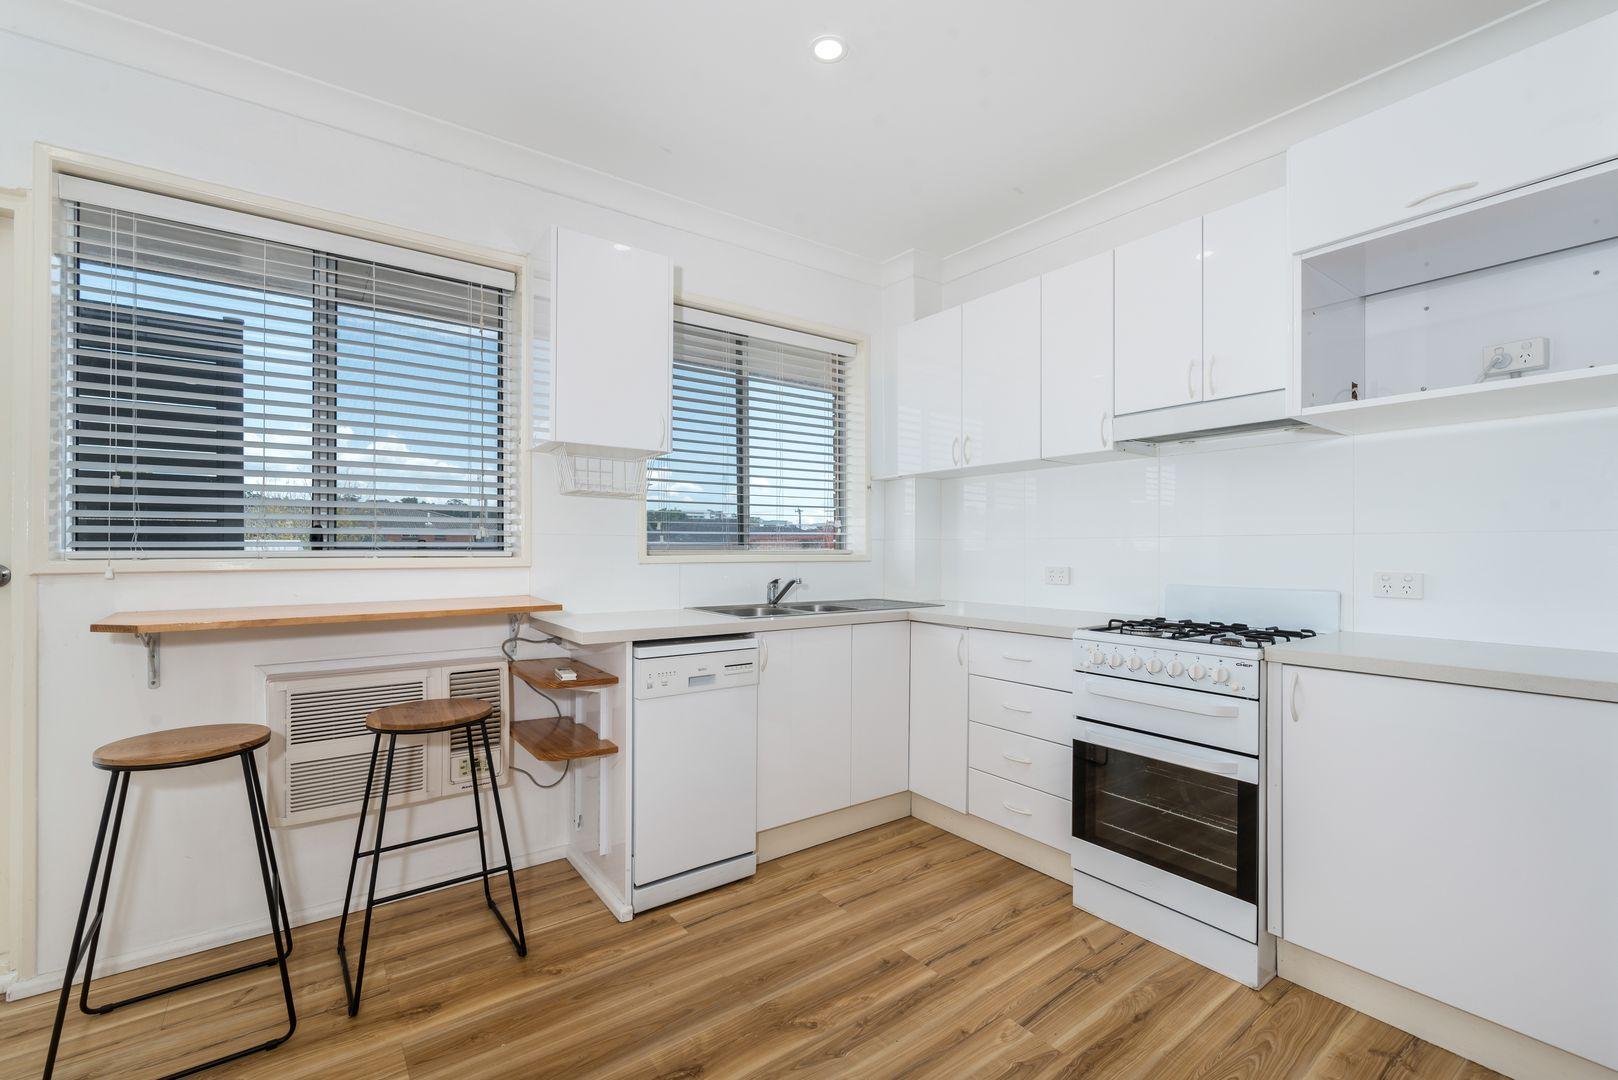 17/50-52 Station Street, Waratah NSW 2298, Image 0